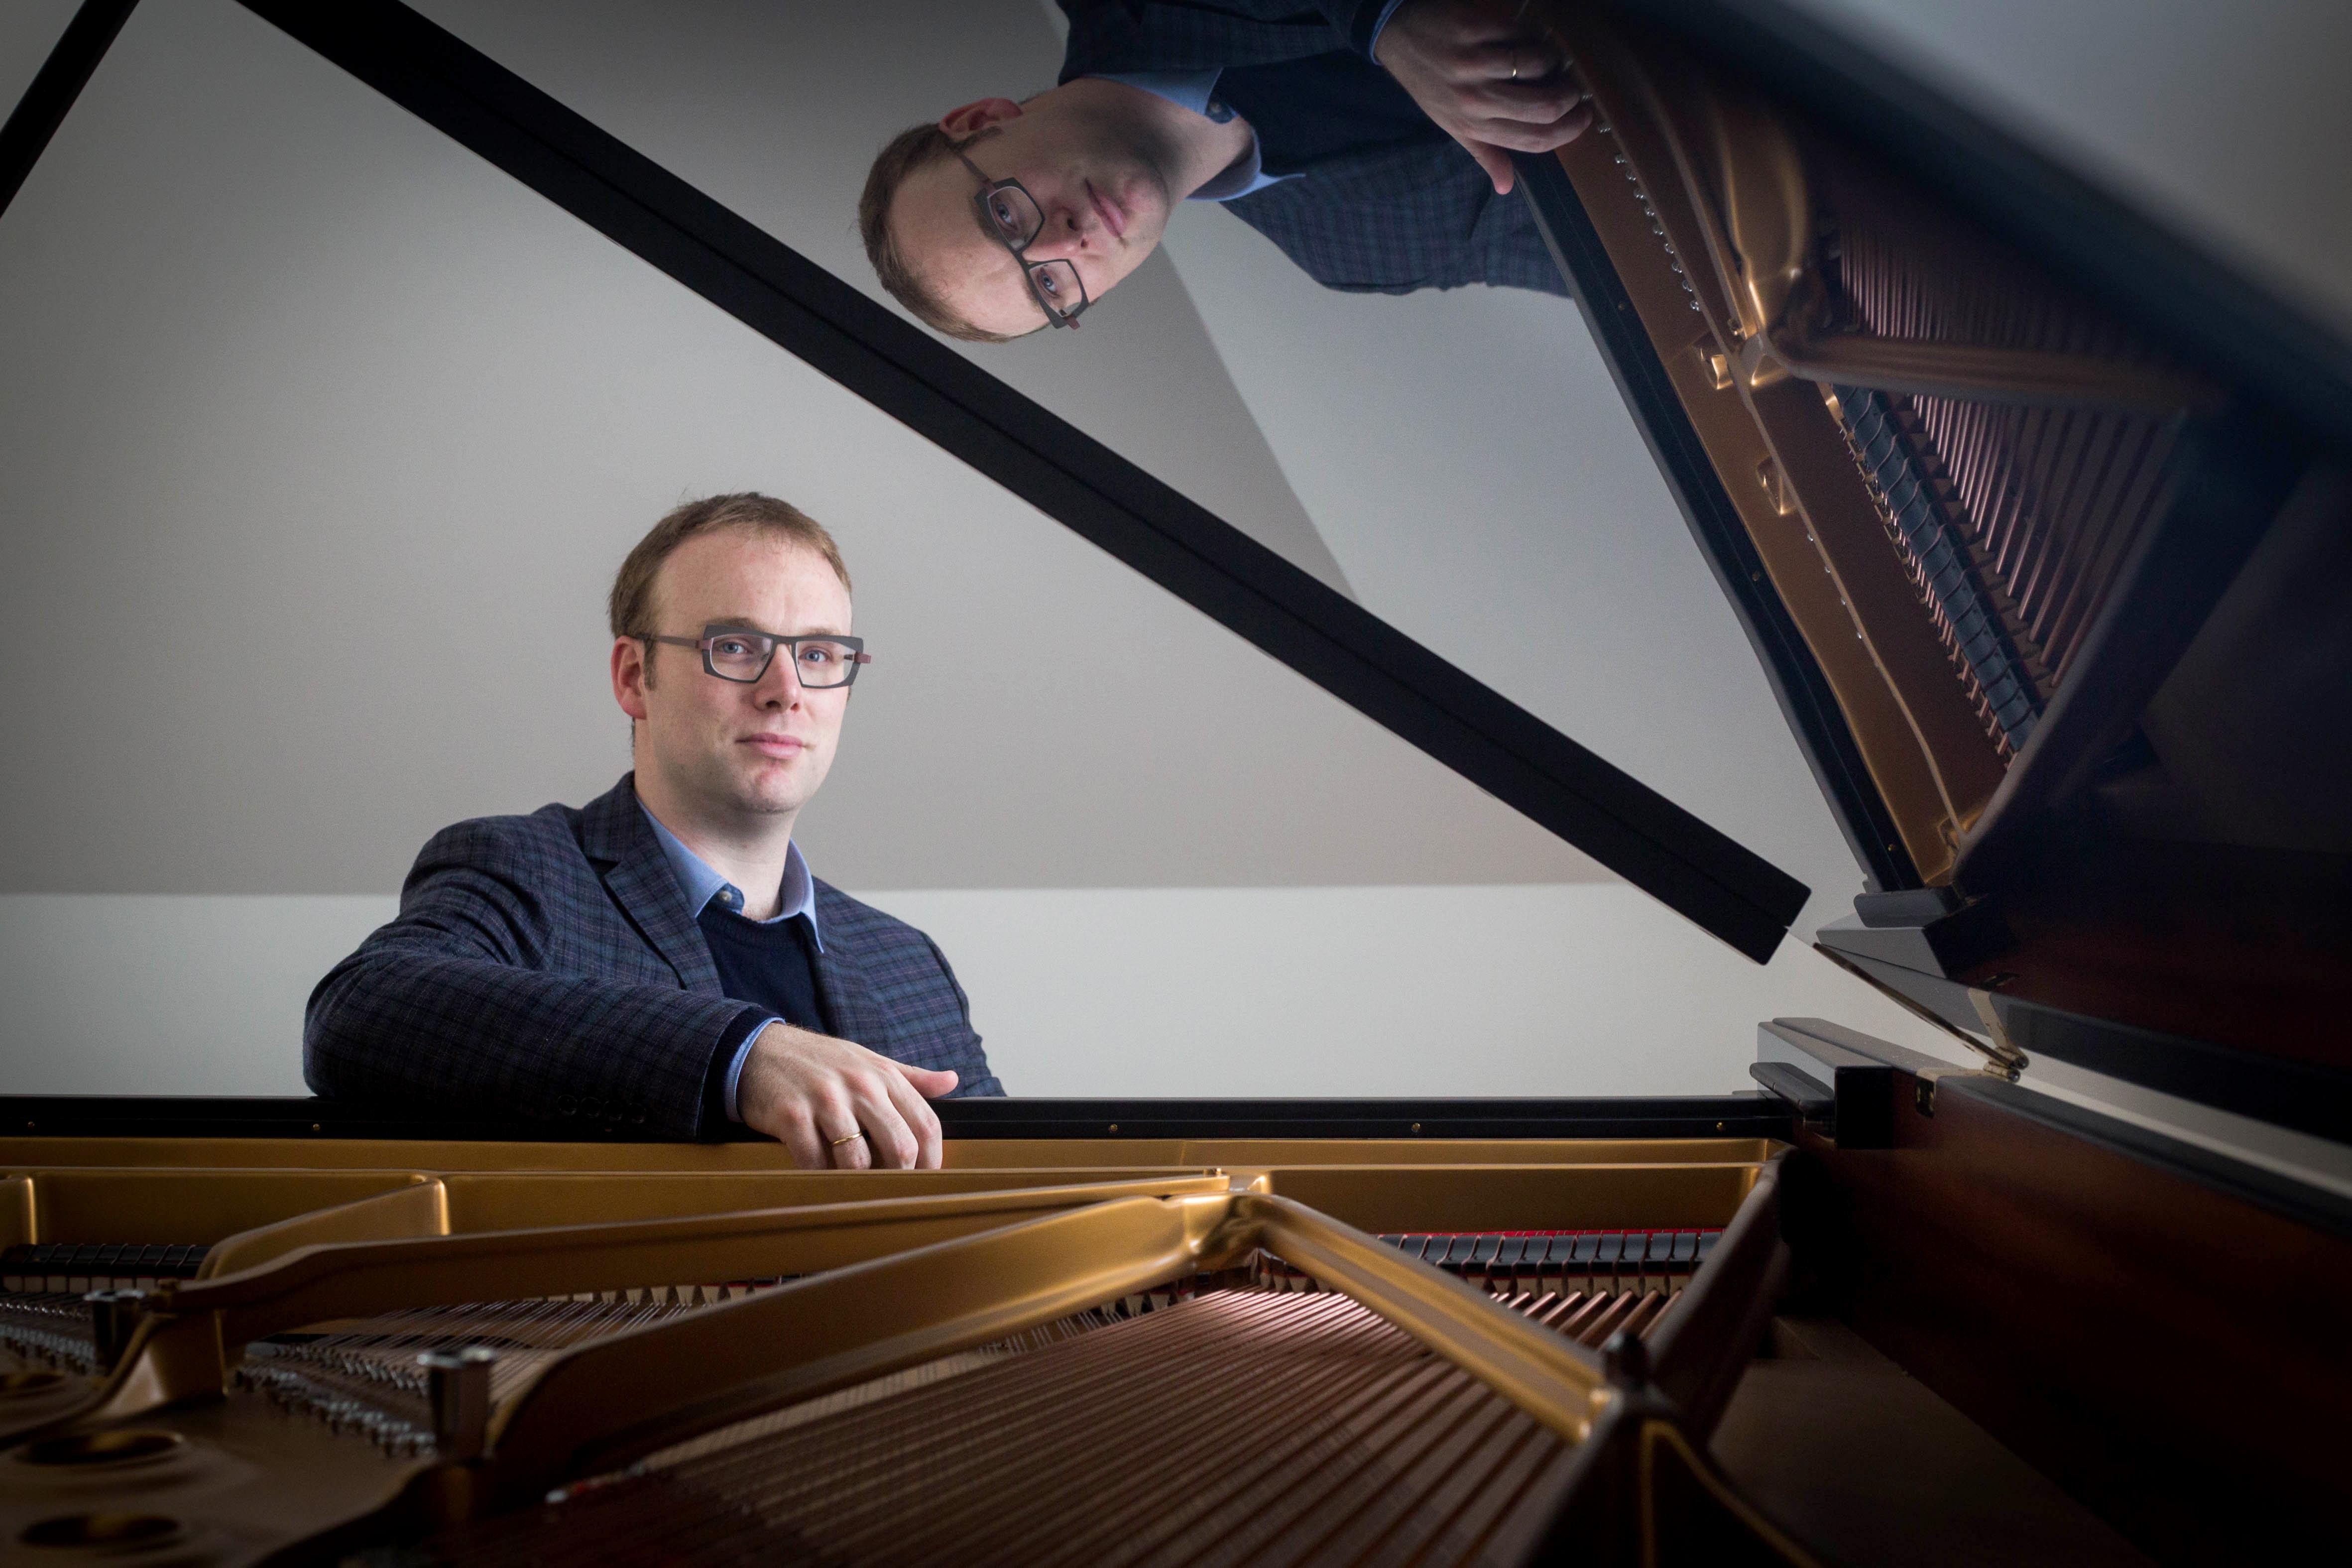 'Ik droomde ervan Rachmaninov te spelen' zegt Liebrecht Vanbeckevoort © Mine Dalemans